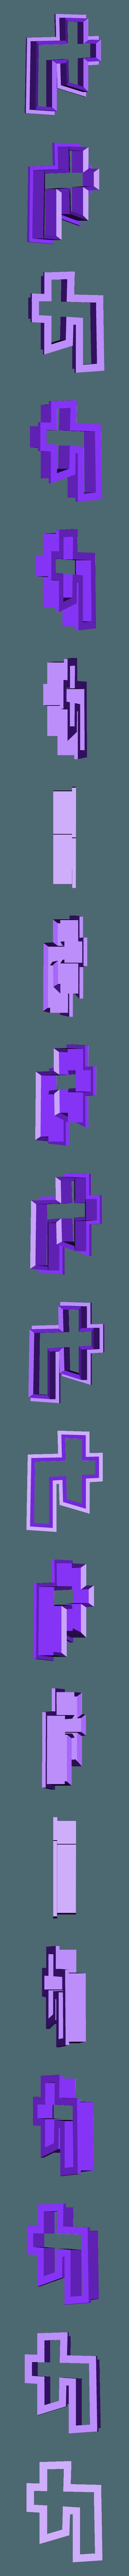 4-Four.stl Télécharger fichier STL gratuit Numéros de Play-Doh/Cookie Cutters • Plan imprimable en 3D, RT3DWorkshop